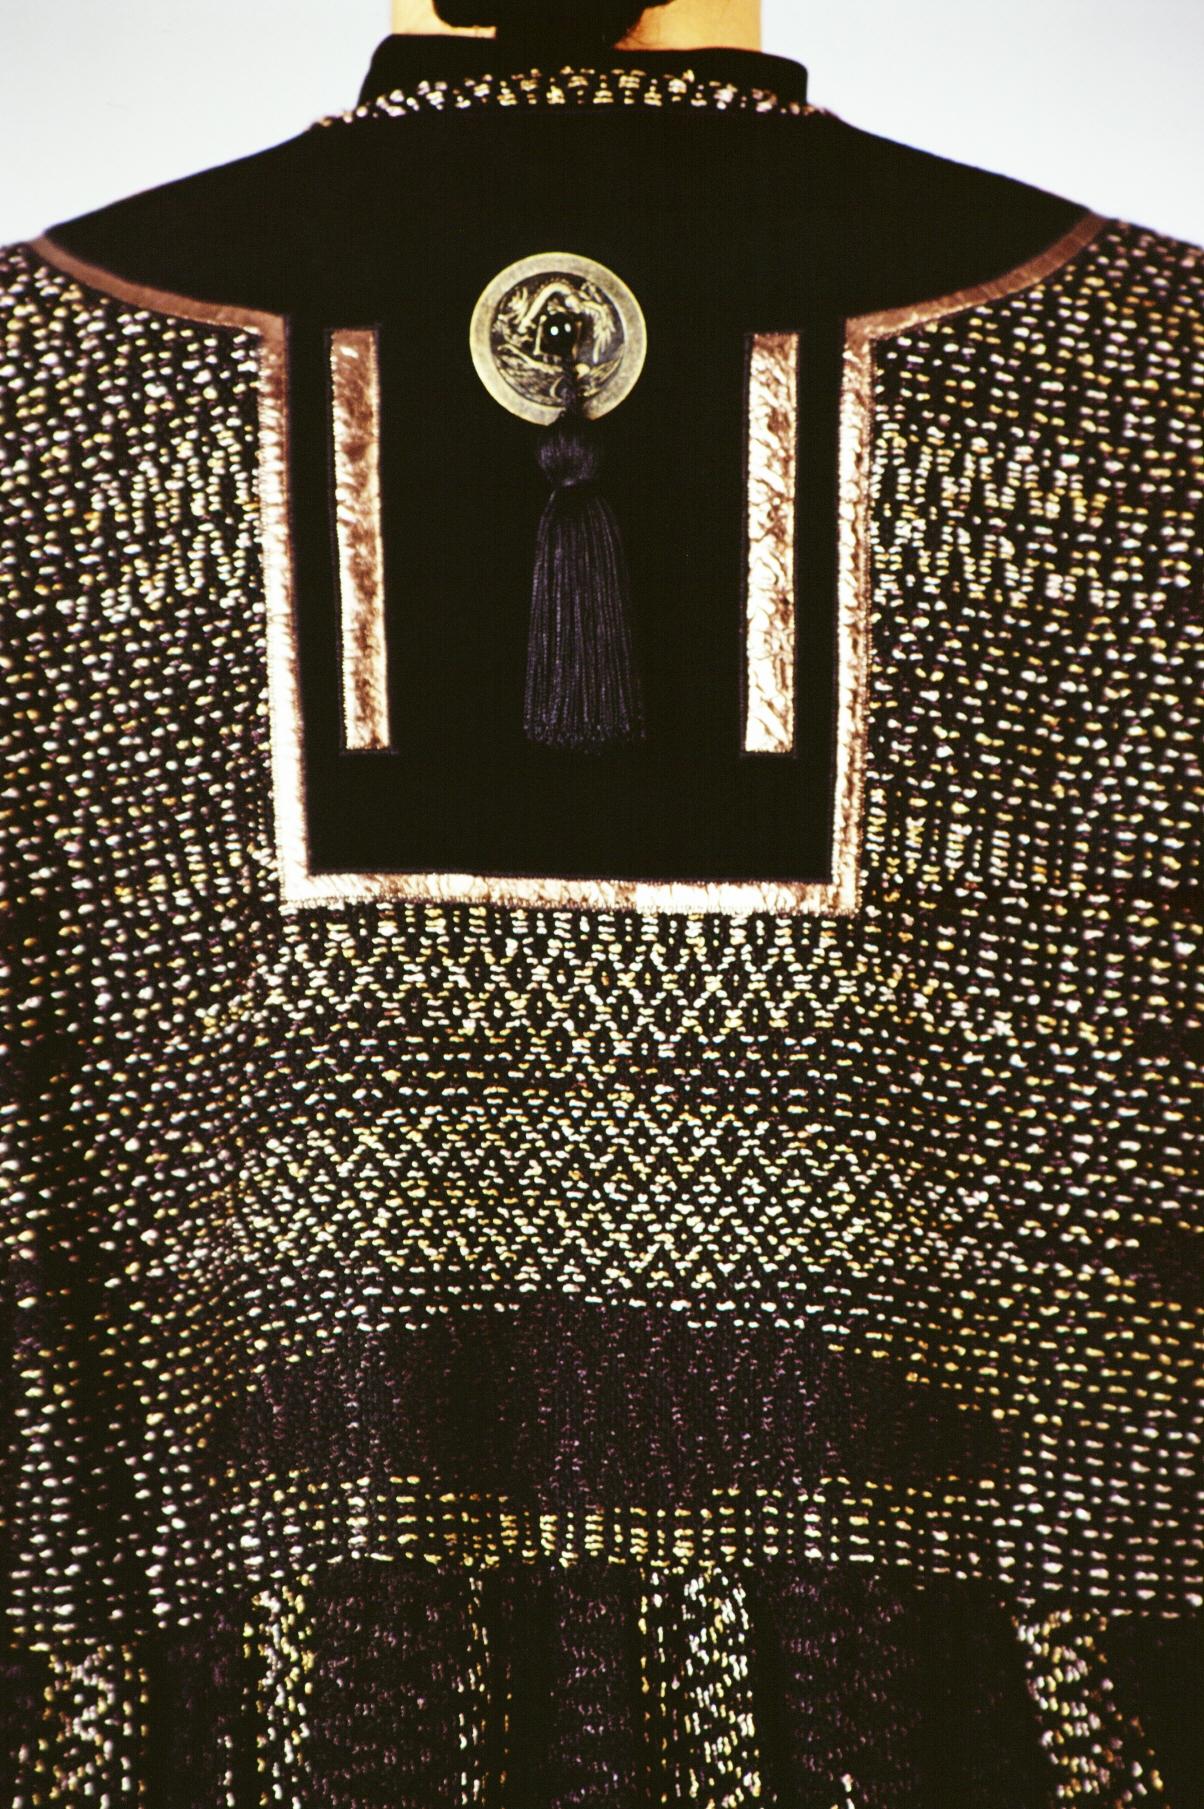 Handwoven Coat, Business Apparel, Kathleen Weir-West 4.JPG